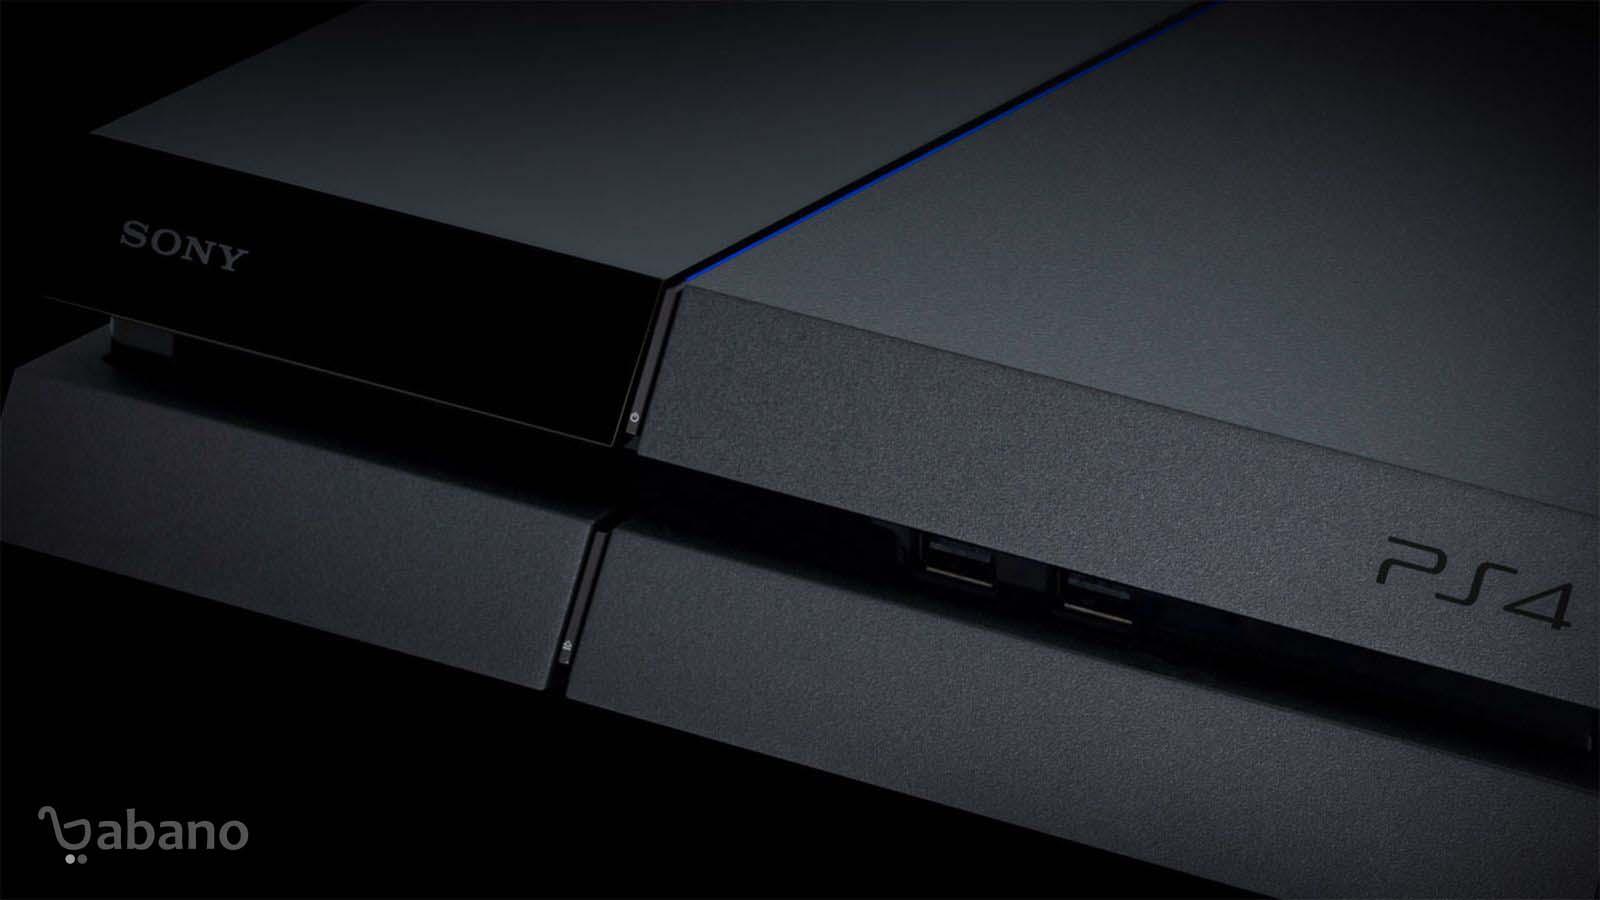 کنسول بازی playstation 4 slim مدل region 2 ظرفیت 1 ترابایت